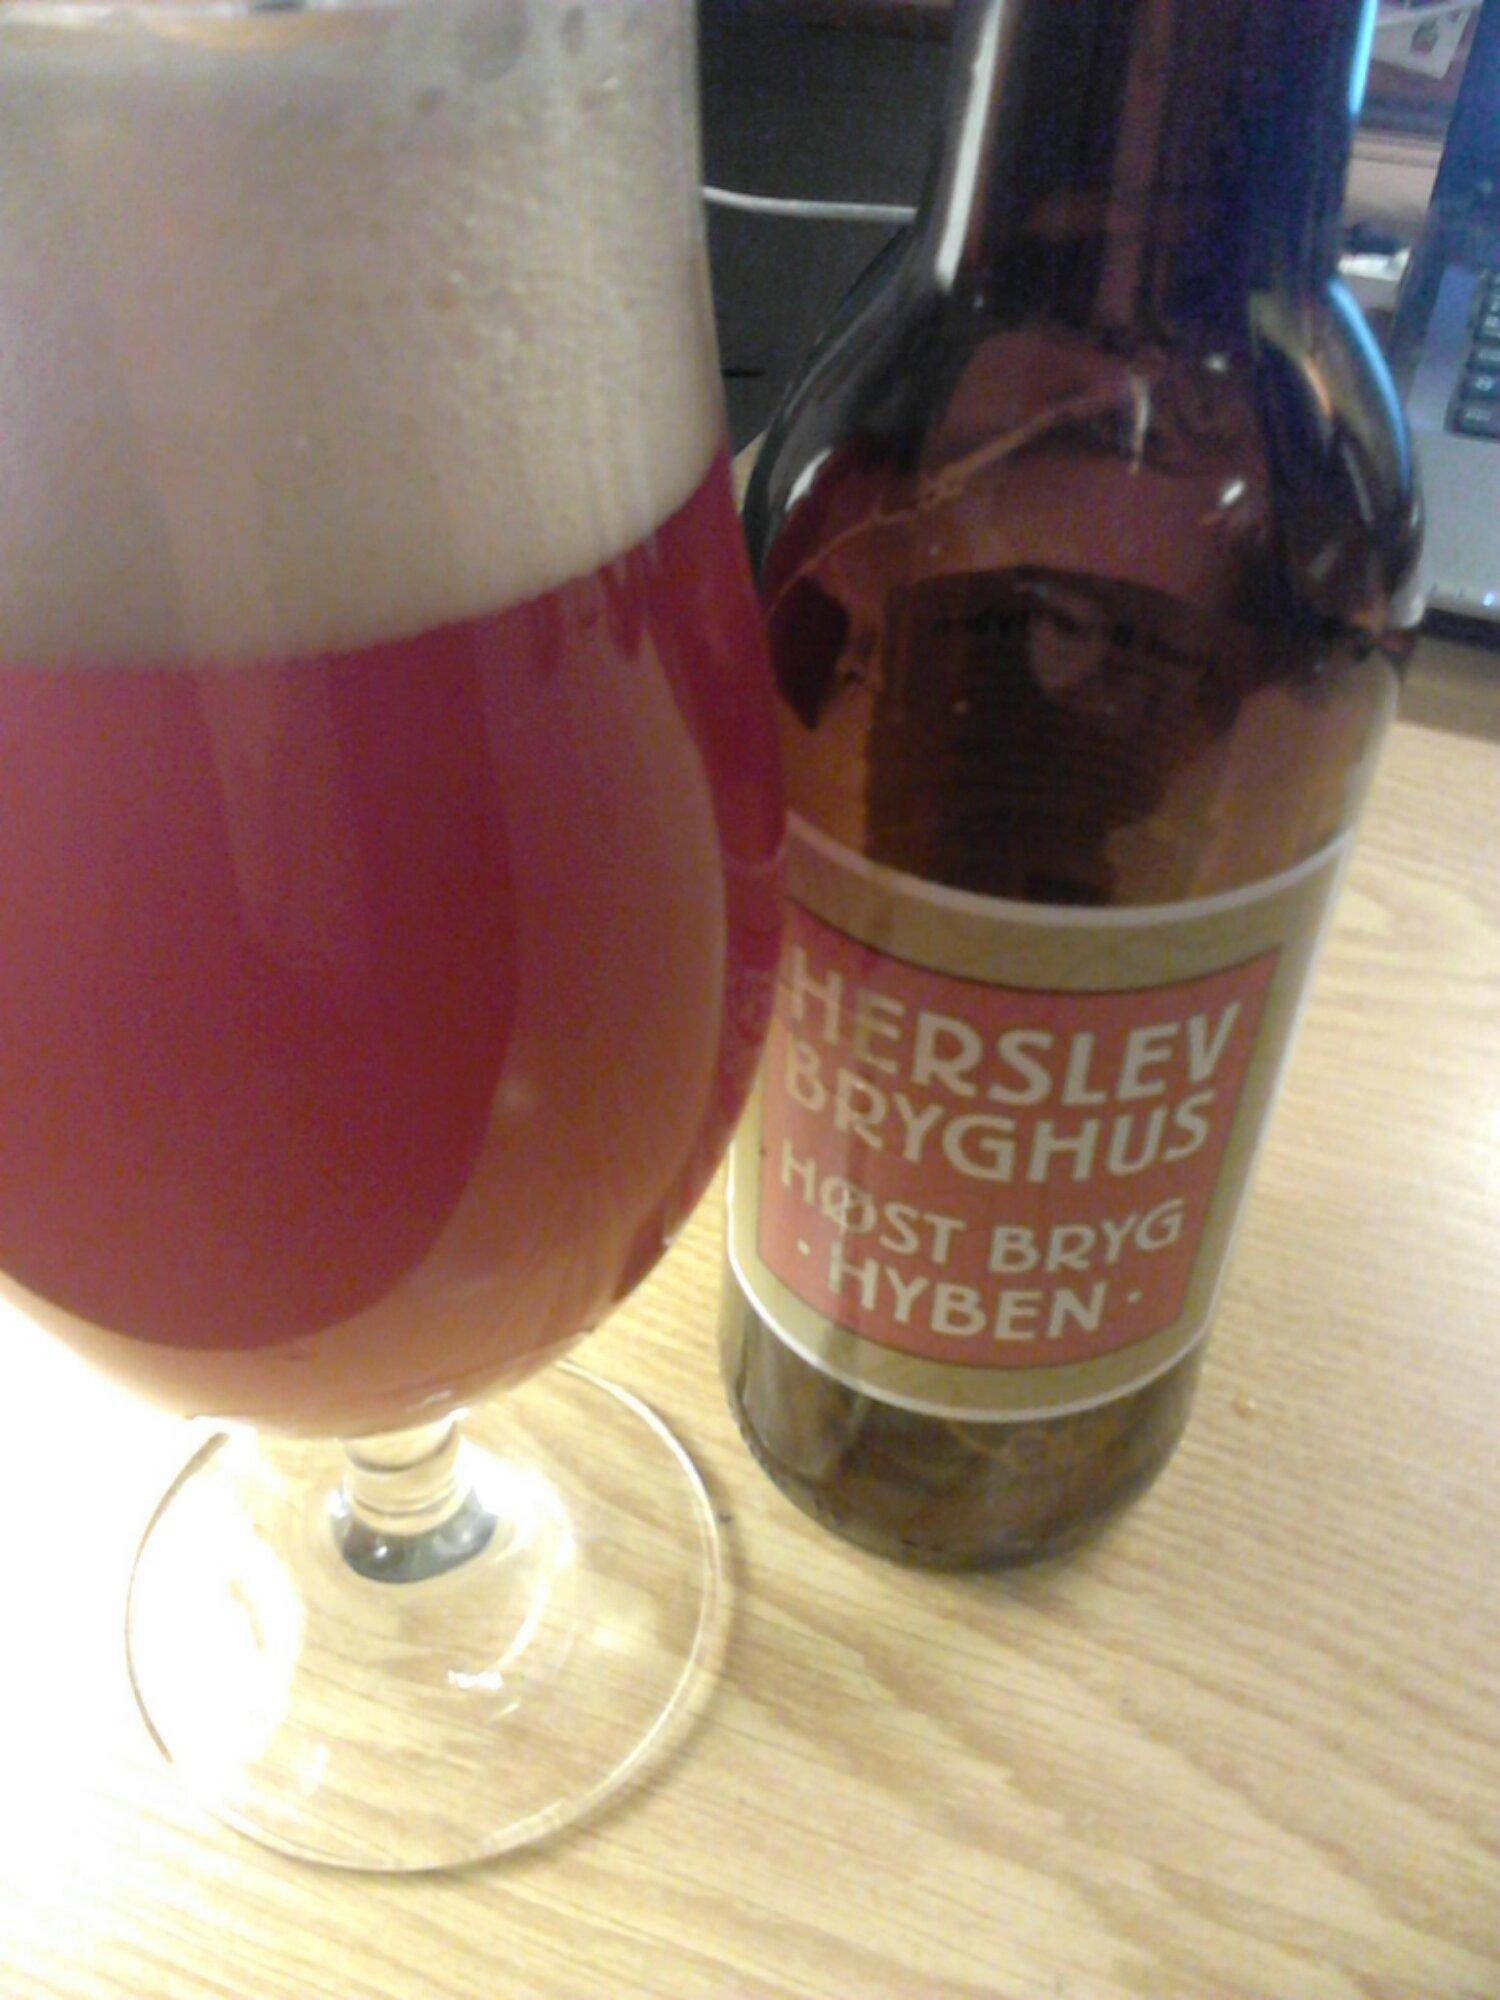 Herslev Høstbryg Hyben 2013, en god dansk øl til efteråret